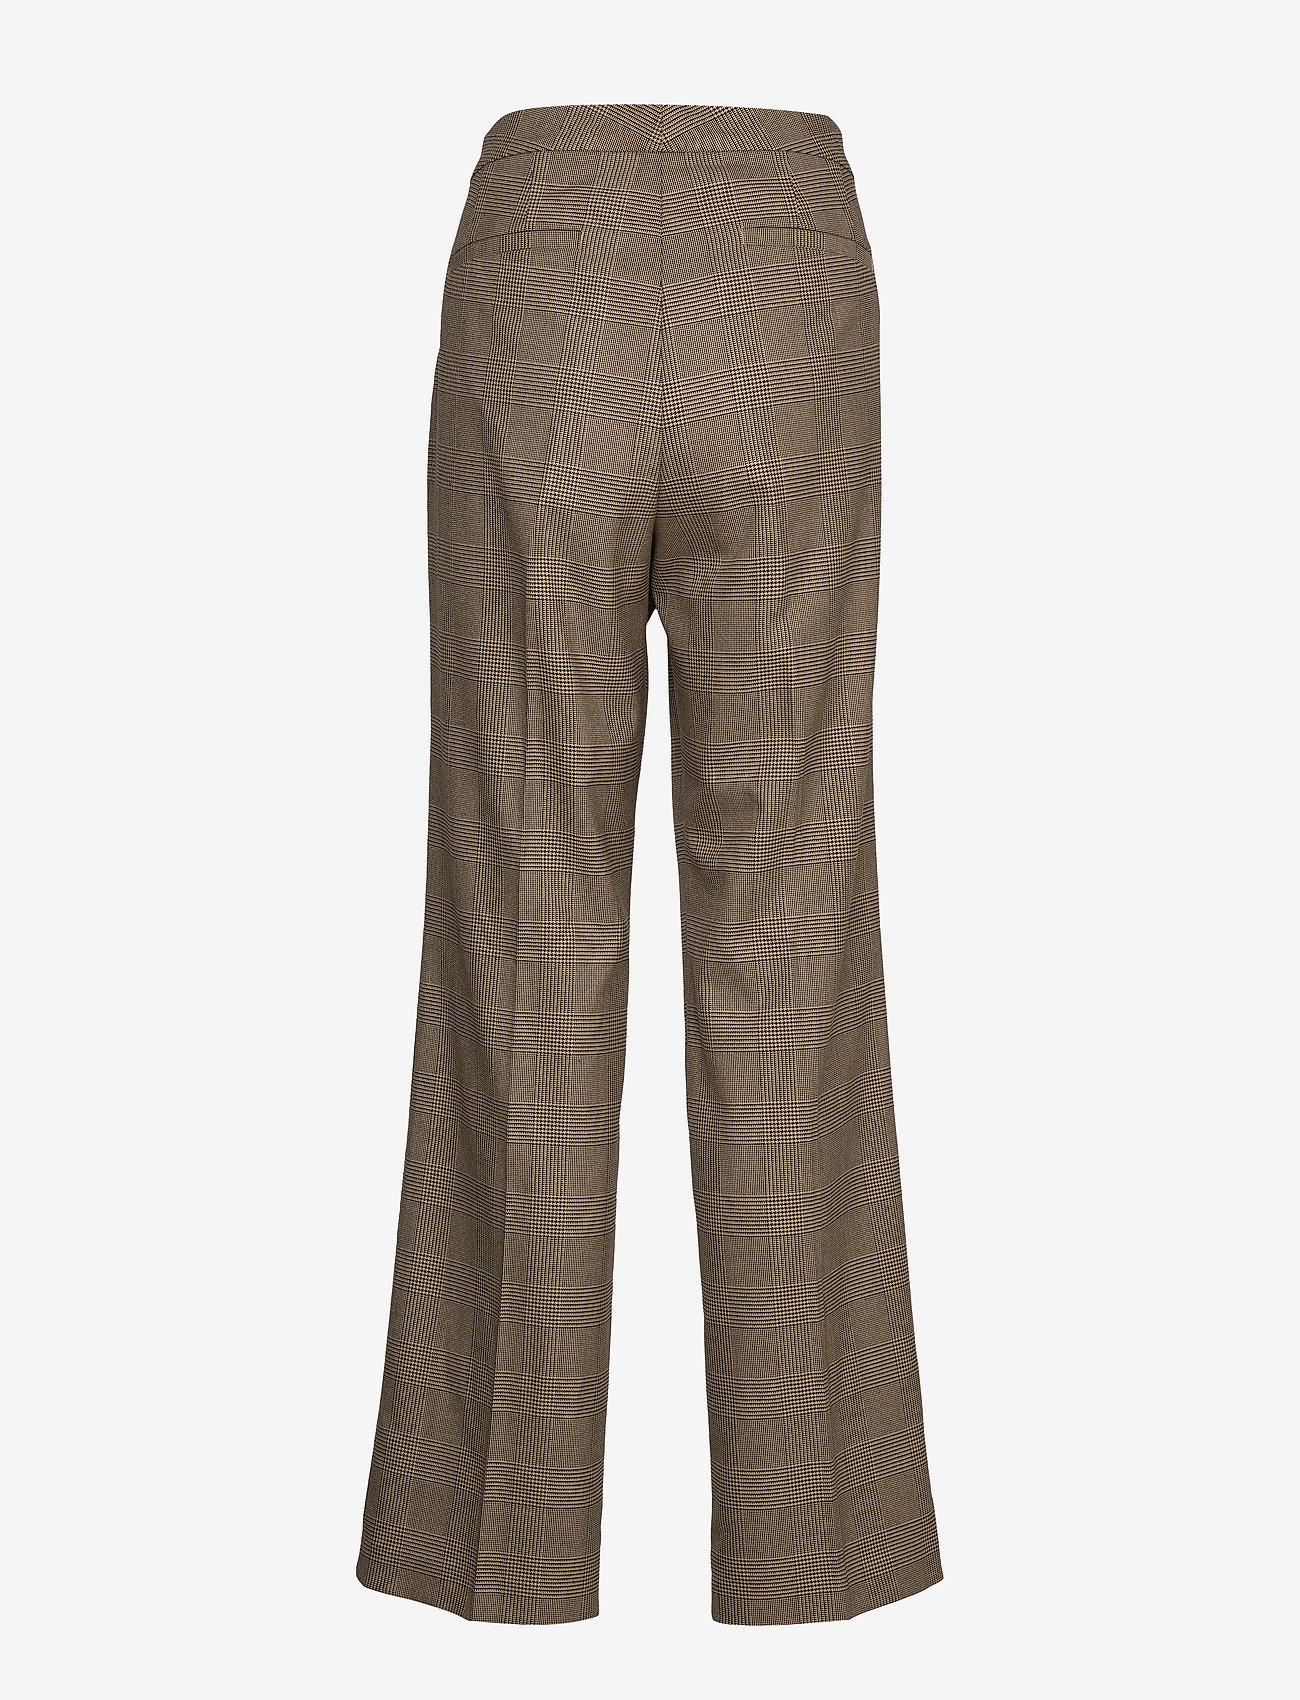 Refined Suiting-str-pnt (Brown/tan Multi) - Lauren Ralph Lauren nyh8Mg